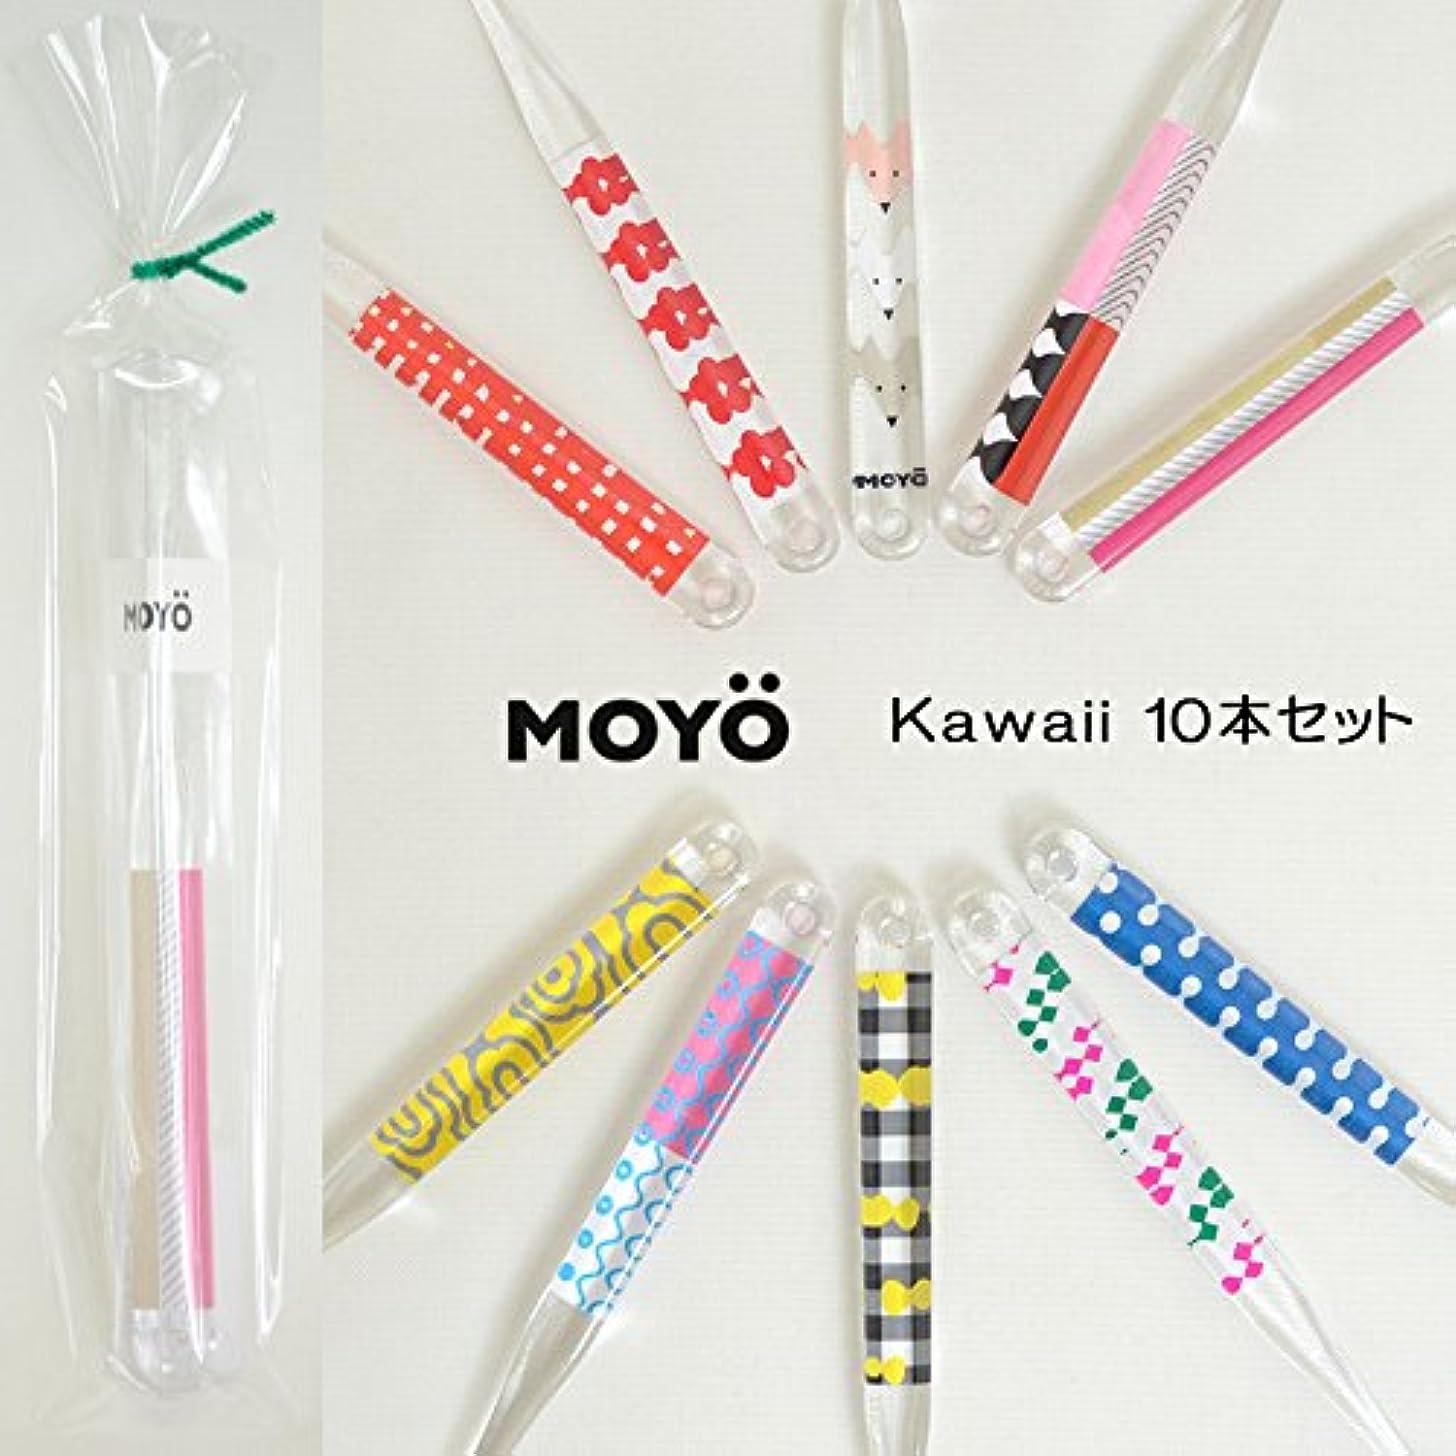 感じる責め荒らすMOYO モヨウ kawaii10本 プチ ギフト セット_562302-kawaii2 【F】,kawaii10本セット